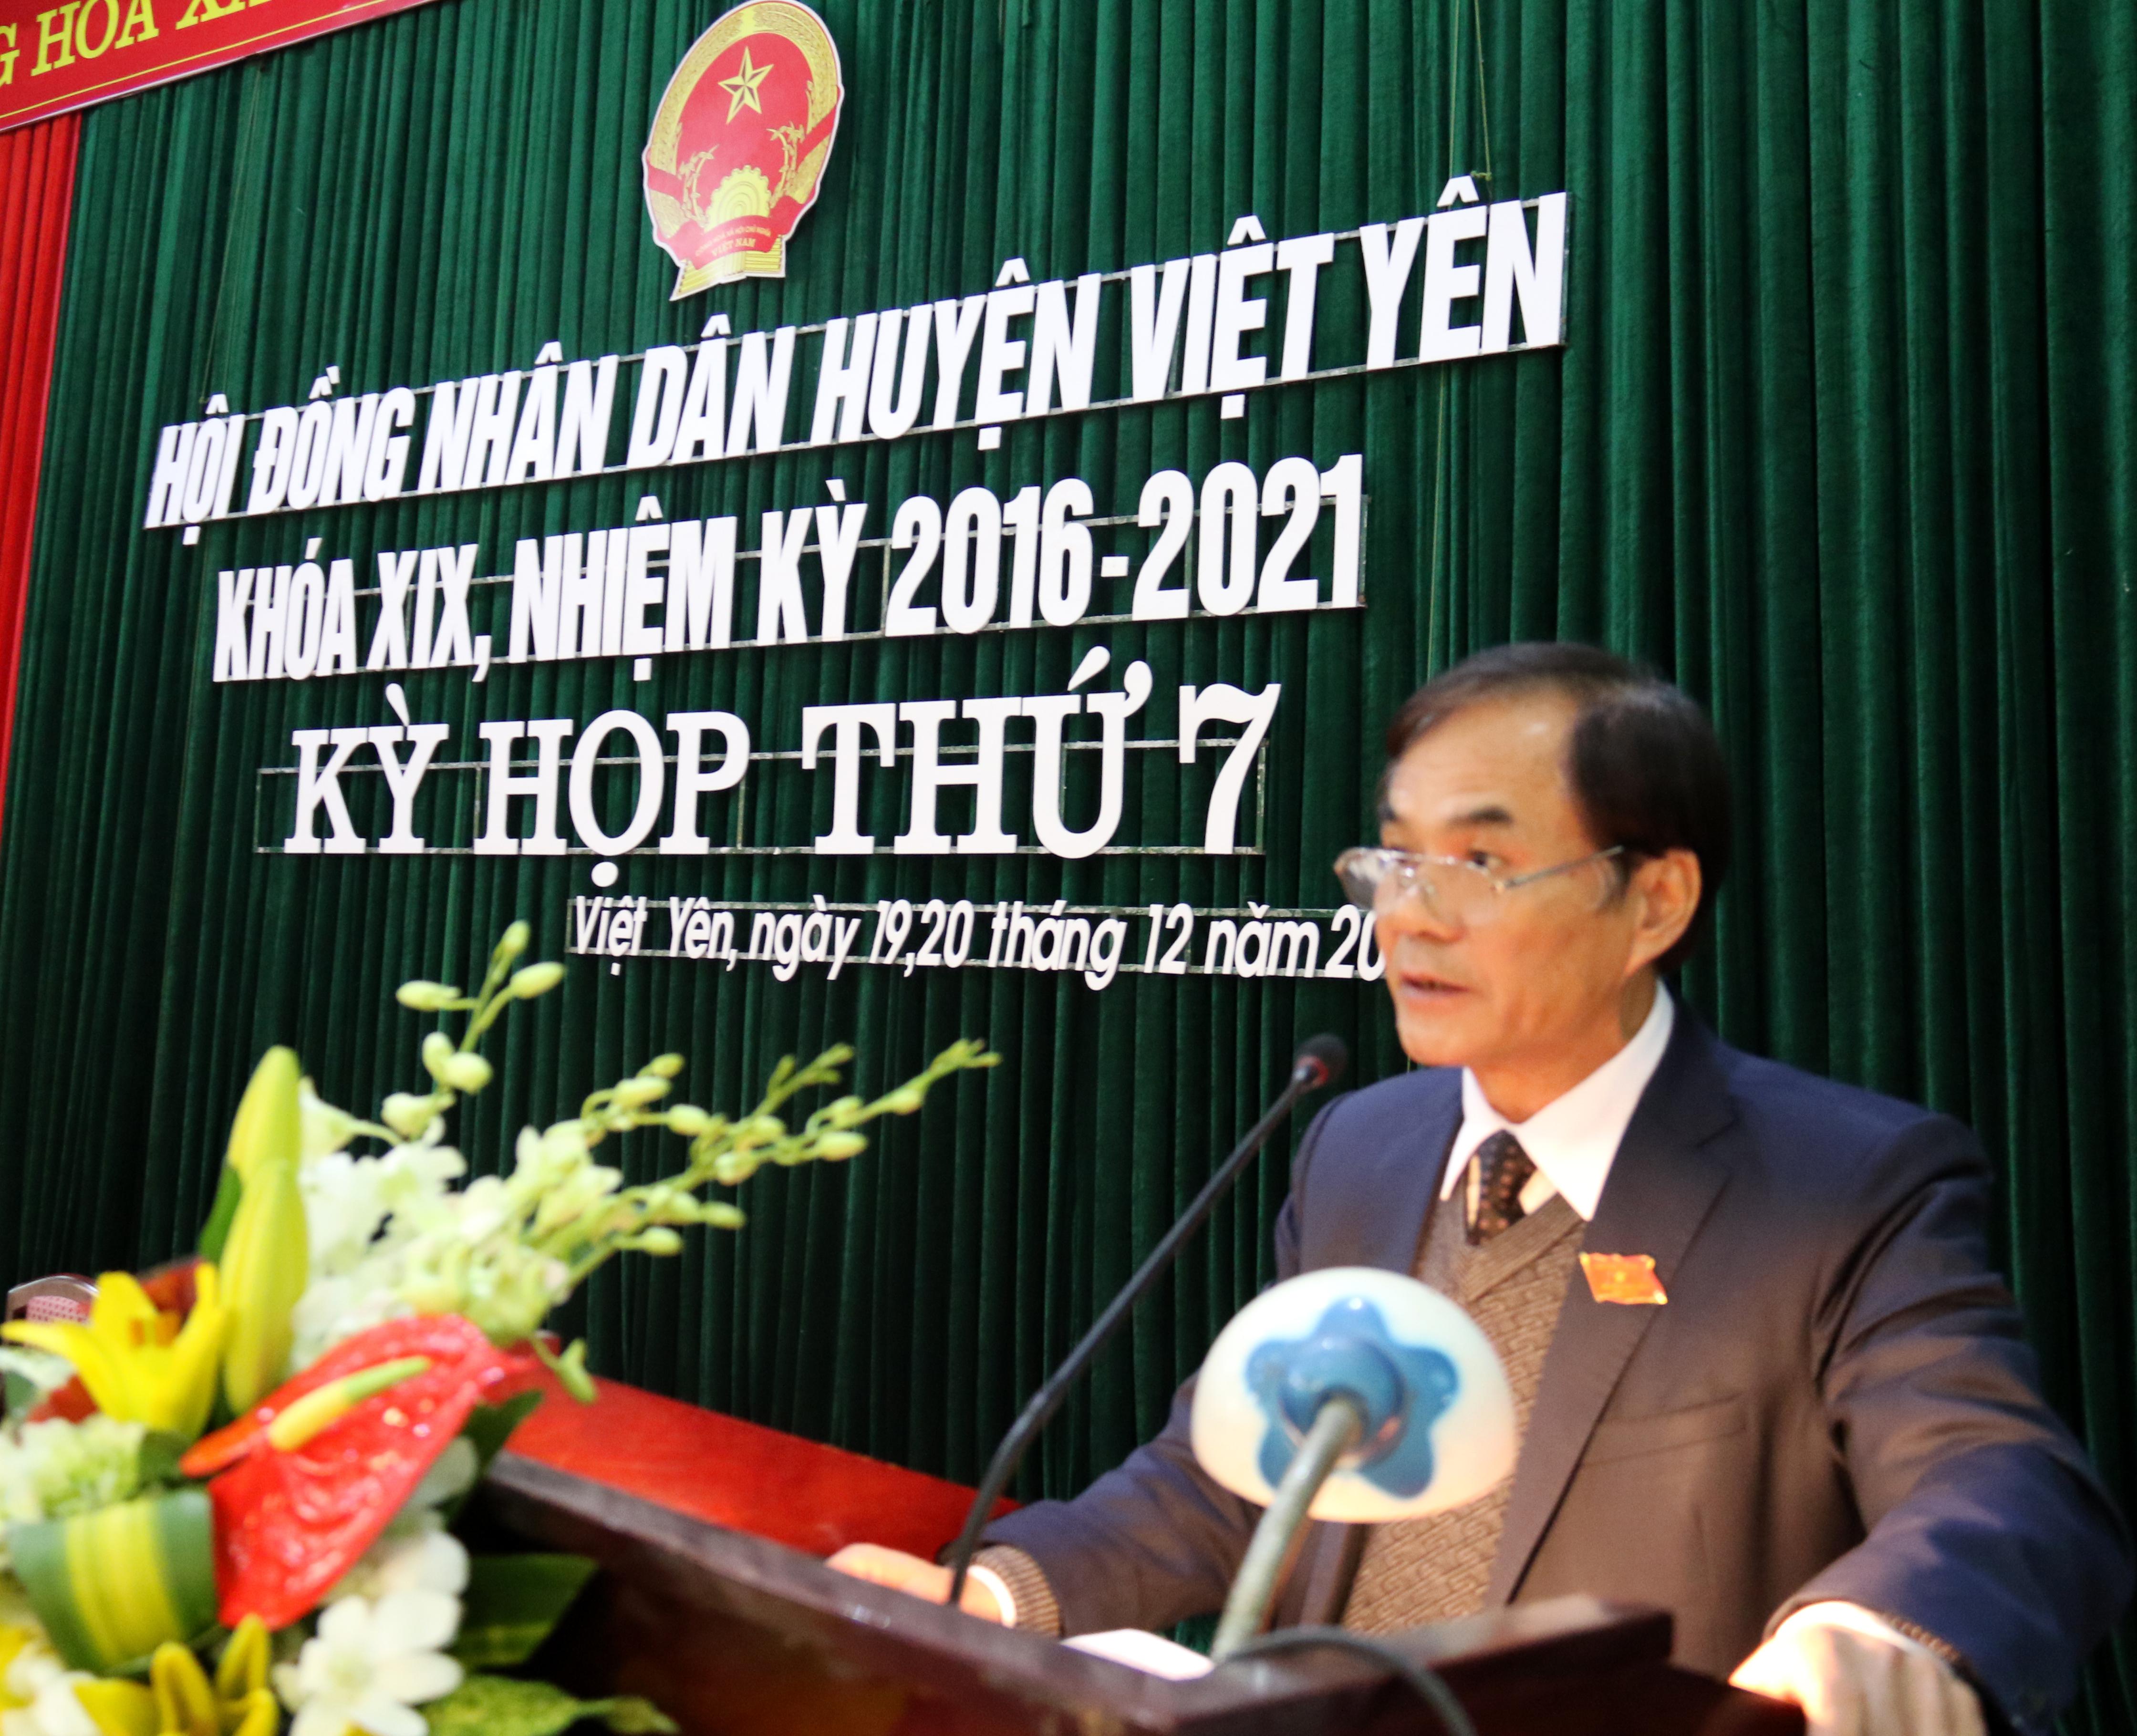 Kỳ họp thứ 7, HĐND huyện Việt Yên khoá XIX (nhiệm kỳ 2016 - 2021)